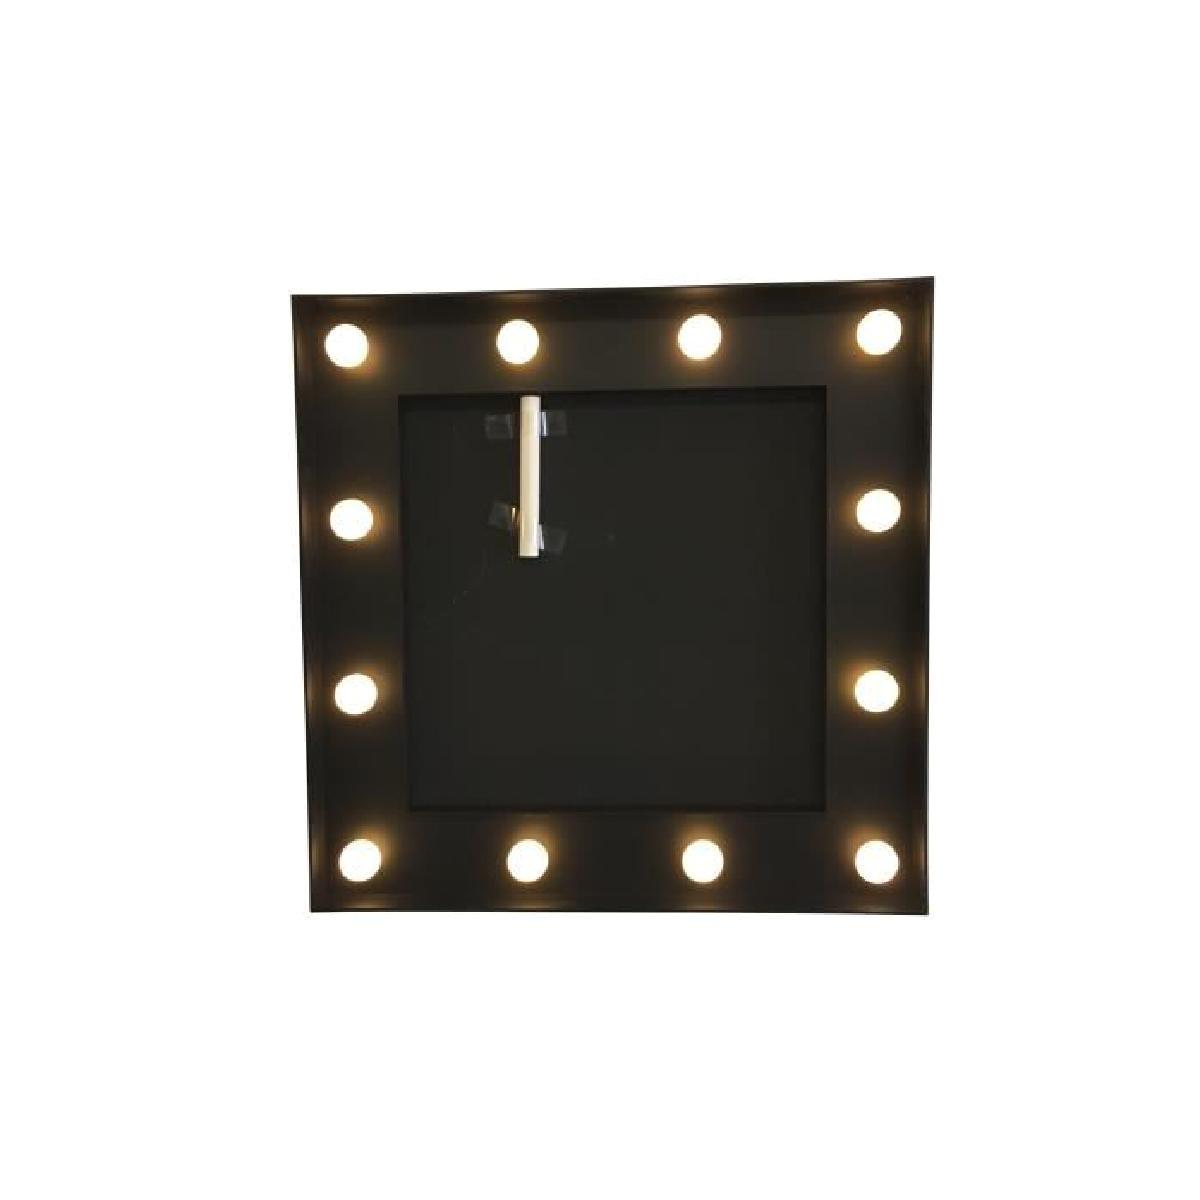 Abat Jour Pas Cher Gifi Impressionnant Stock Cadre 61x91 Gifi Elegant Ides De Cadre Gifi Galerie Dimages